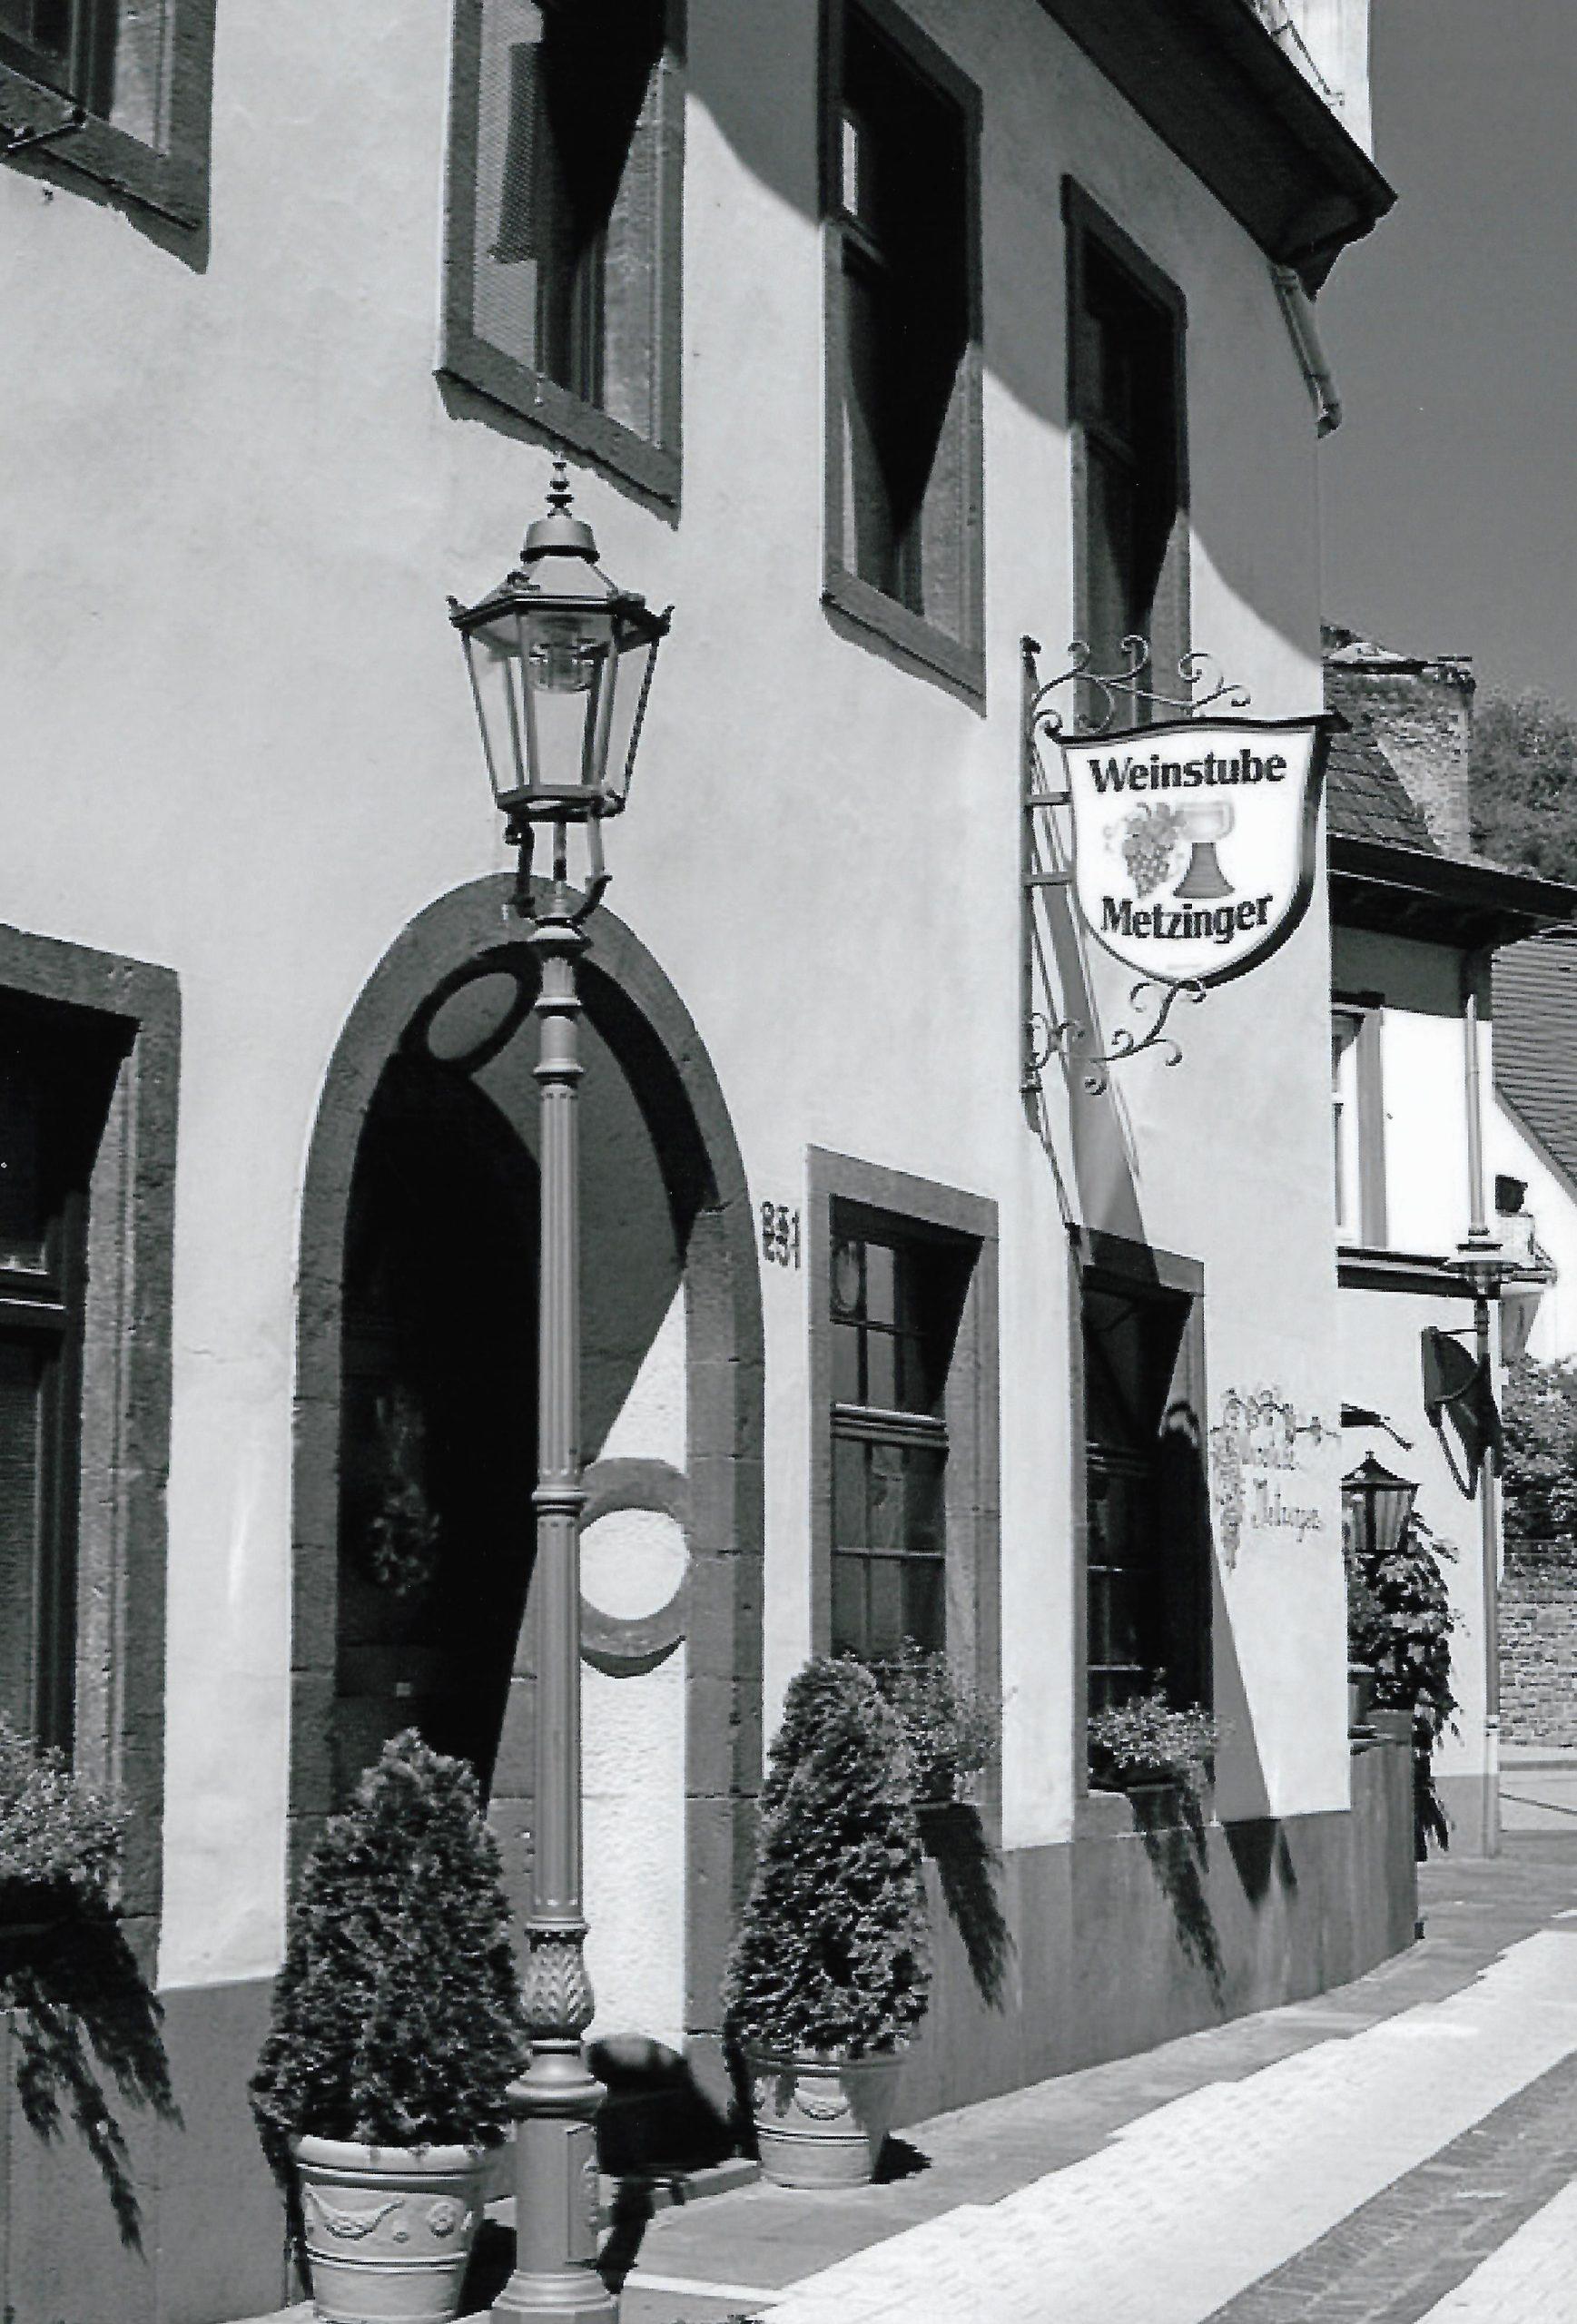 Weinhaus Metzinger